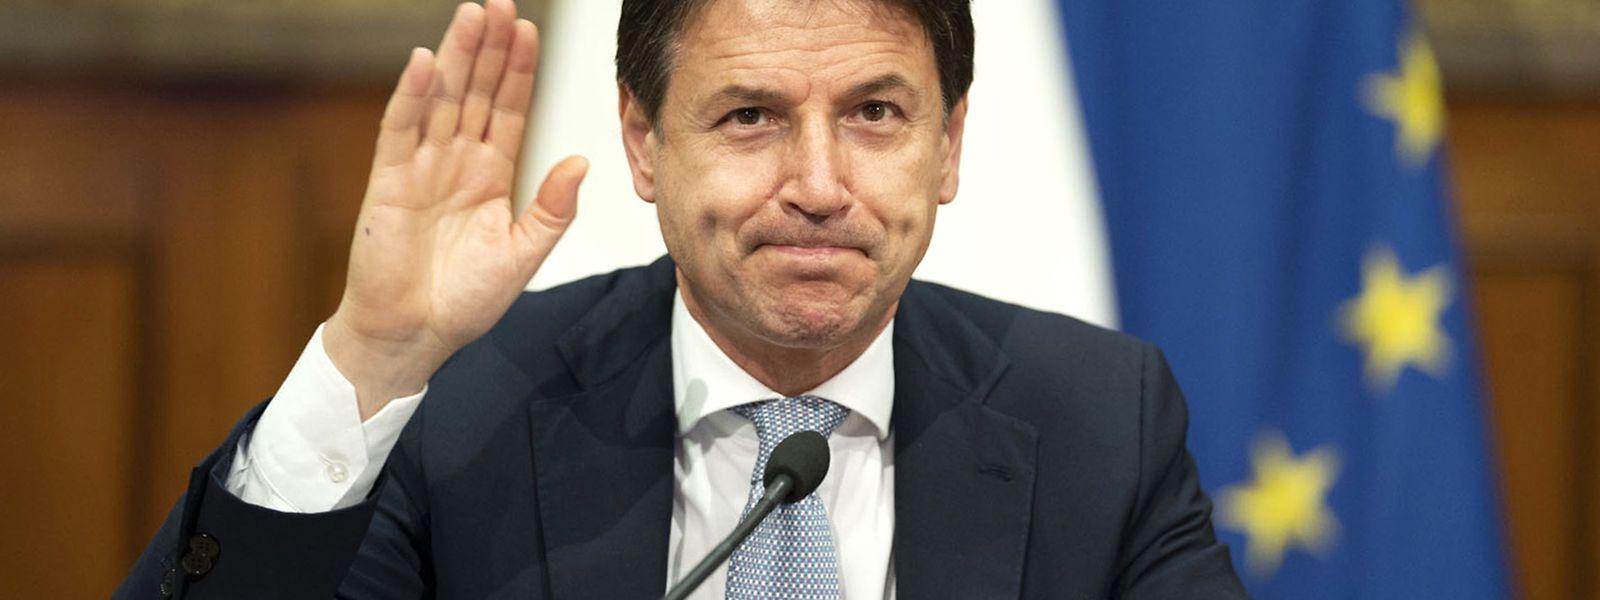 Die Regierung teilte am Montag mit, dass Conte um neun Uhr morgens das Kabinett zusammenrufen wolle.